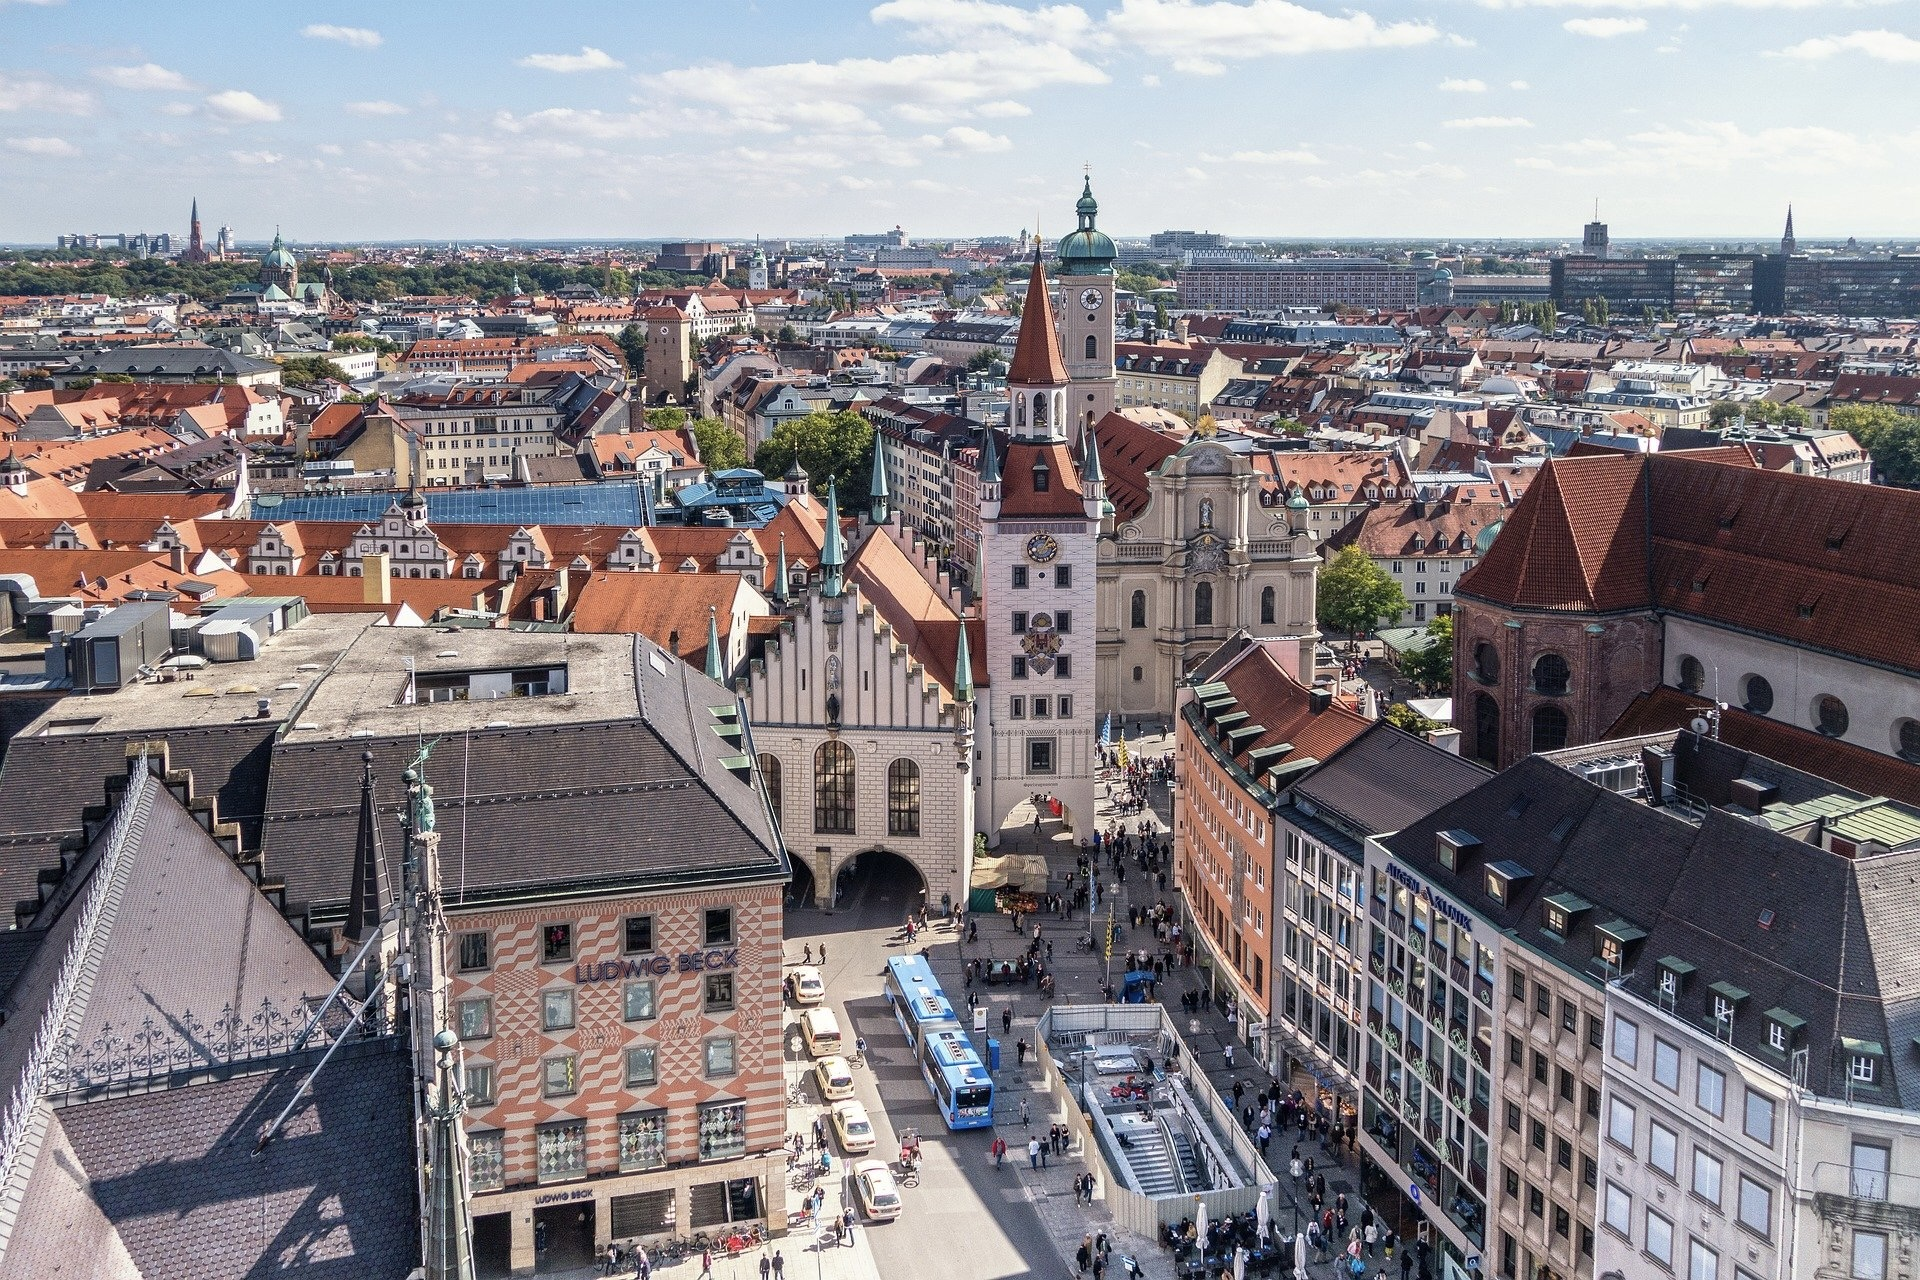 Der Marienplatz ist einer der besten München Sehenswürdigkeiten